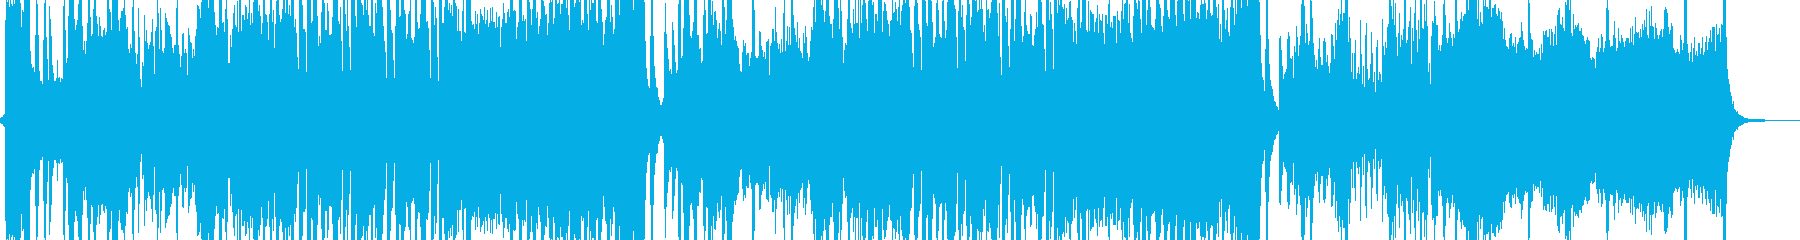 エンカウントバトルを想定したBGMの再生済みの波形